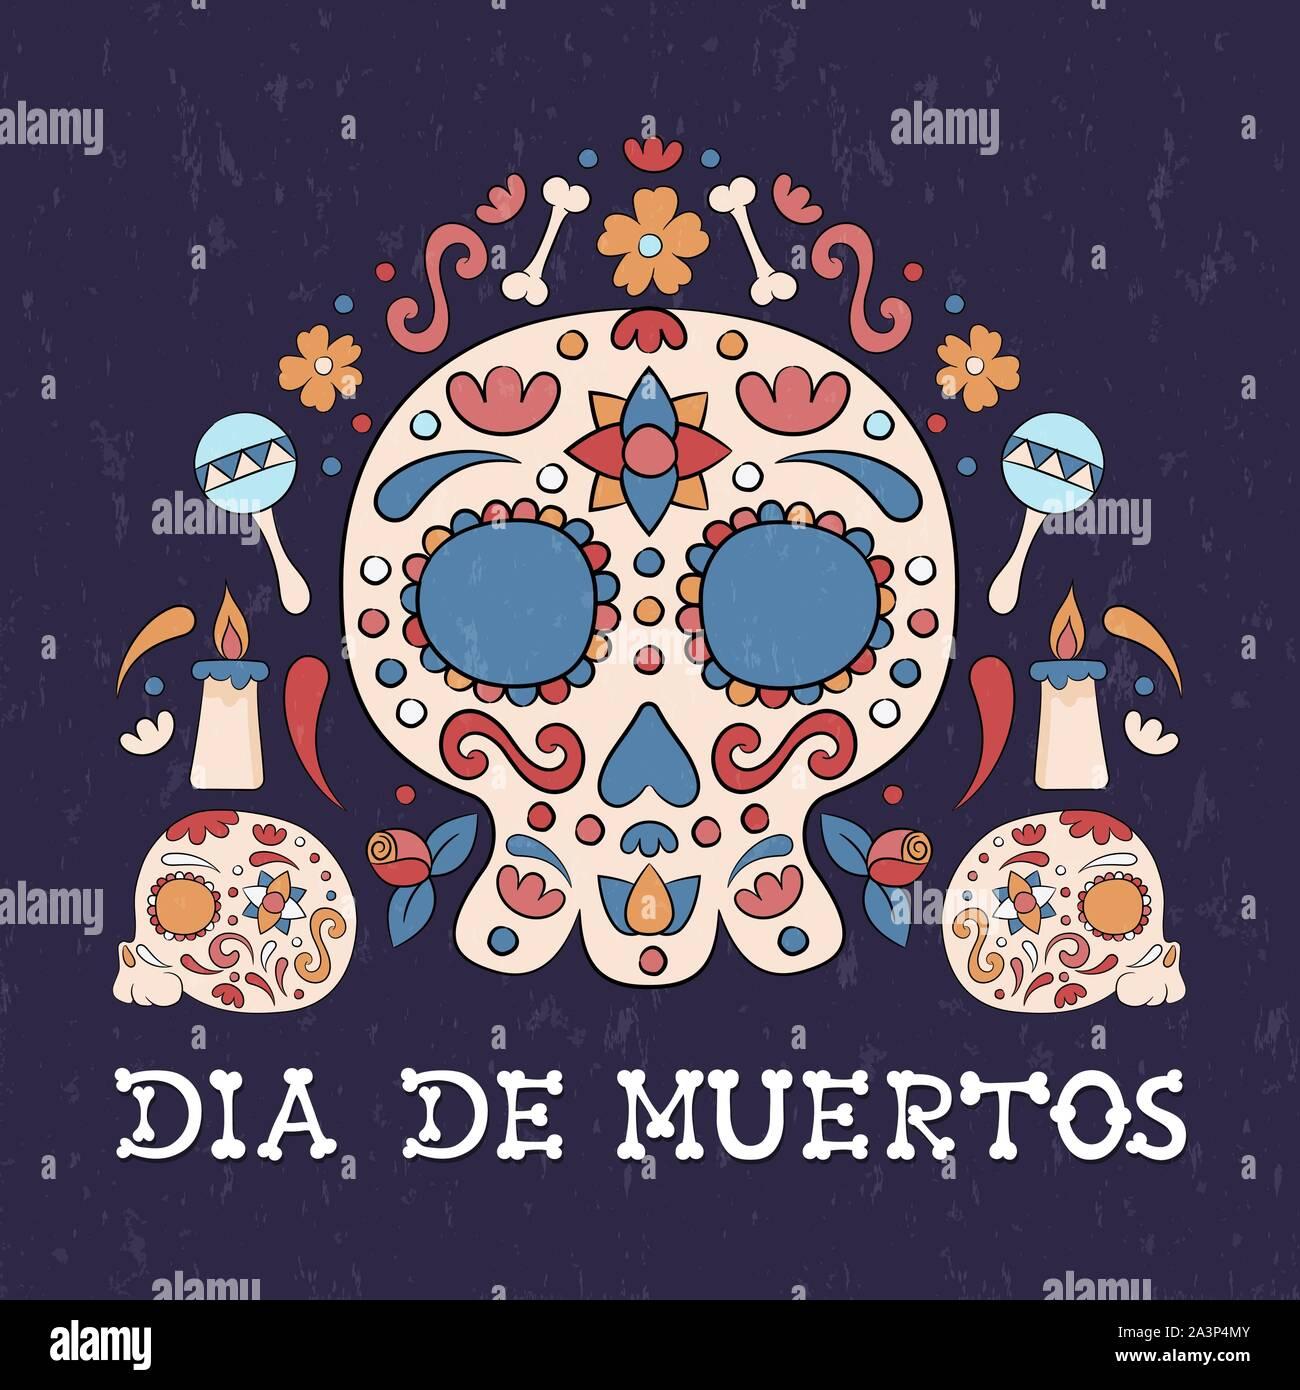 Le Jour des morts mexicain traditionnel, carte de vœux, crâne en sucre, bougies et fleurs illustration pour le mexique maison de l'événement. Illustration de Vecteur